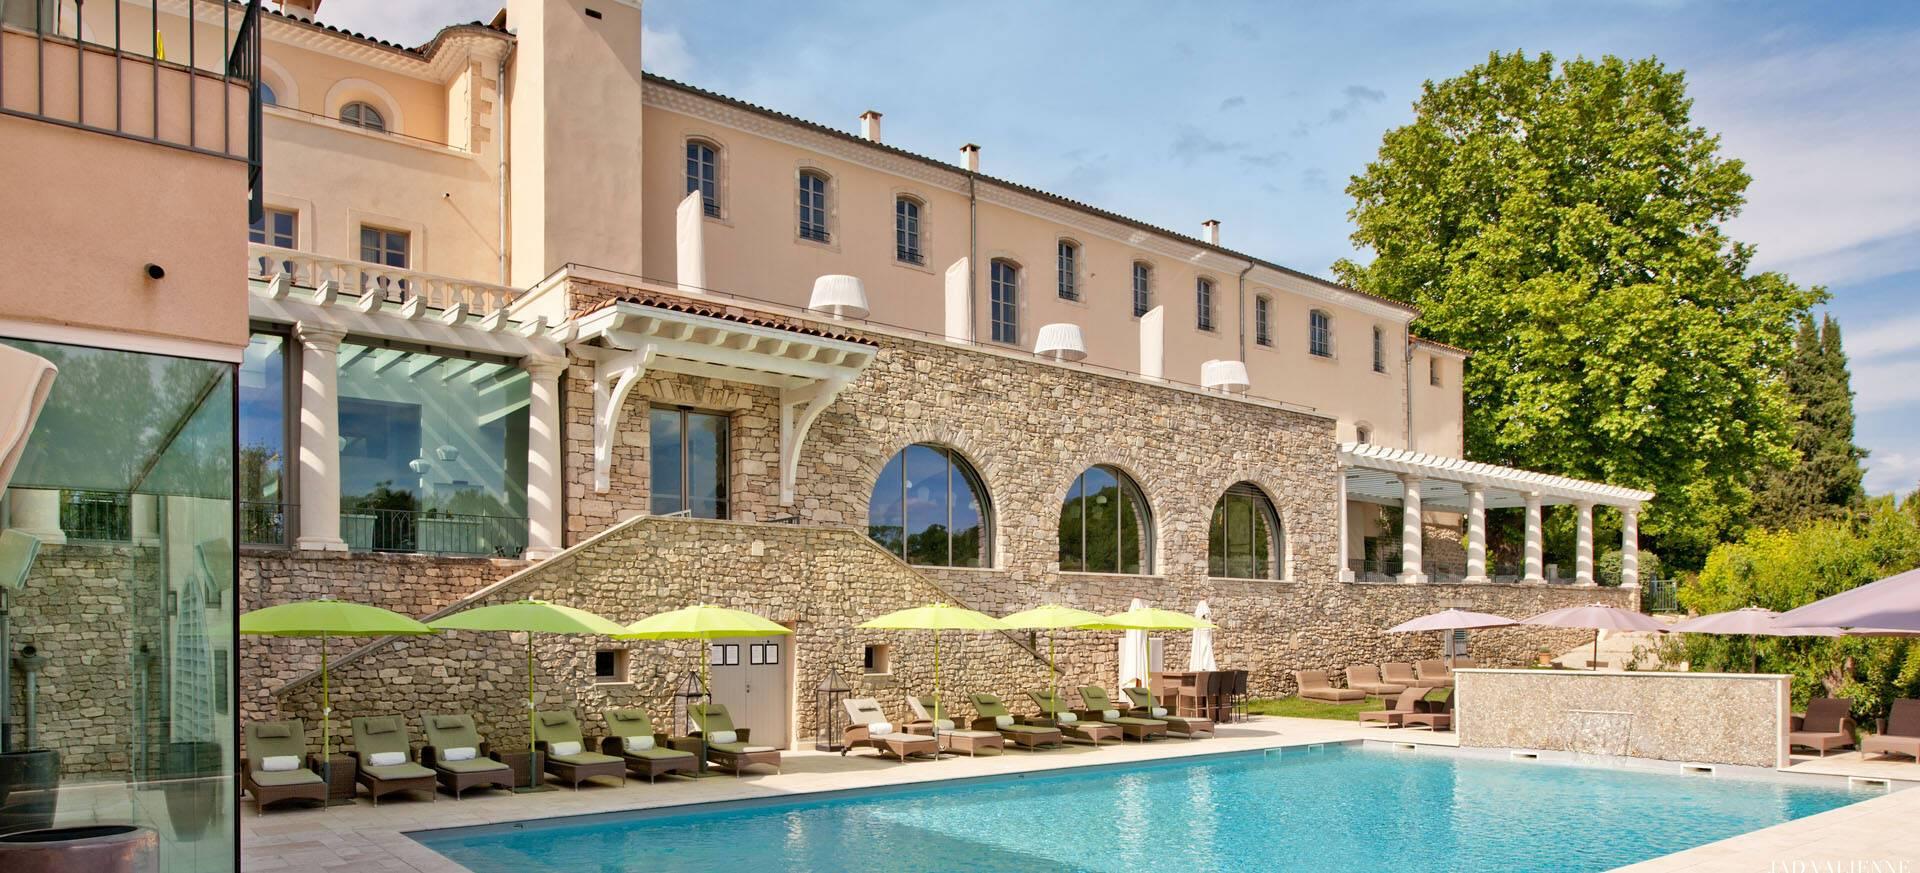 Couvent des Minimes Provence piscine exterieur